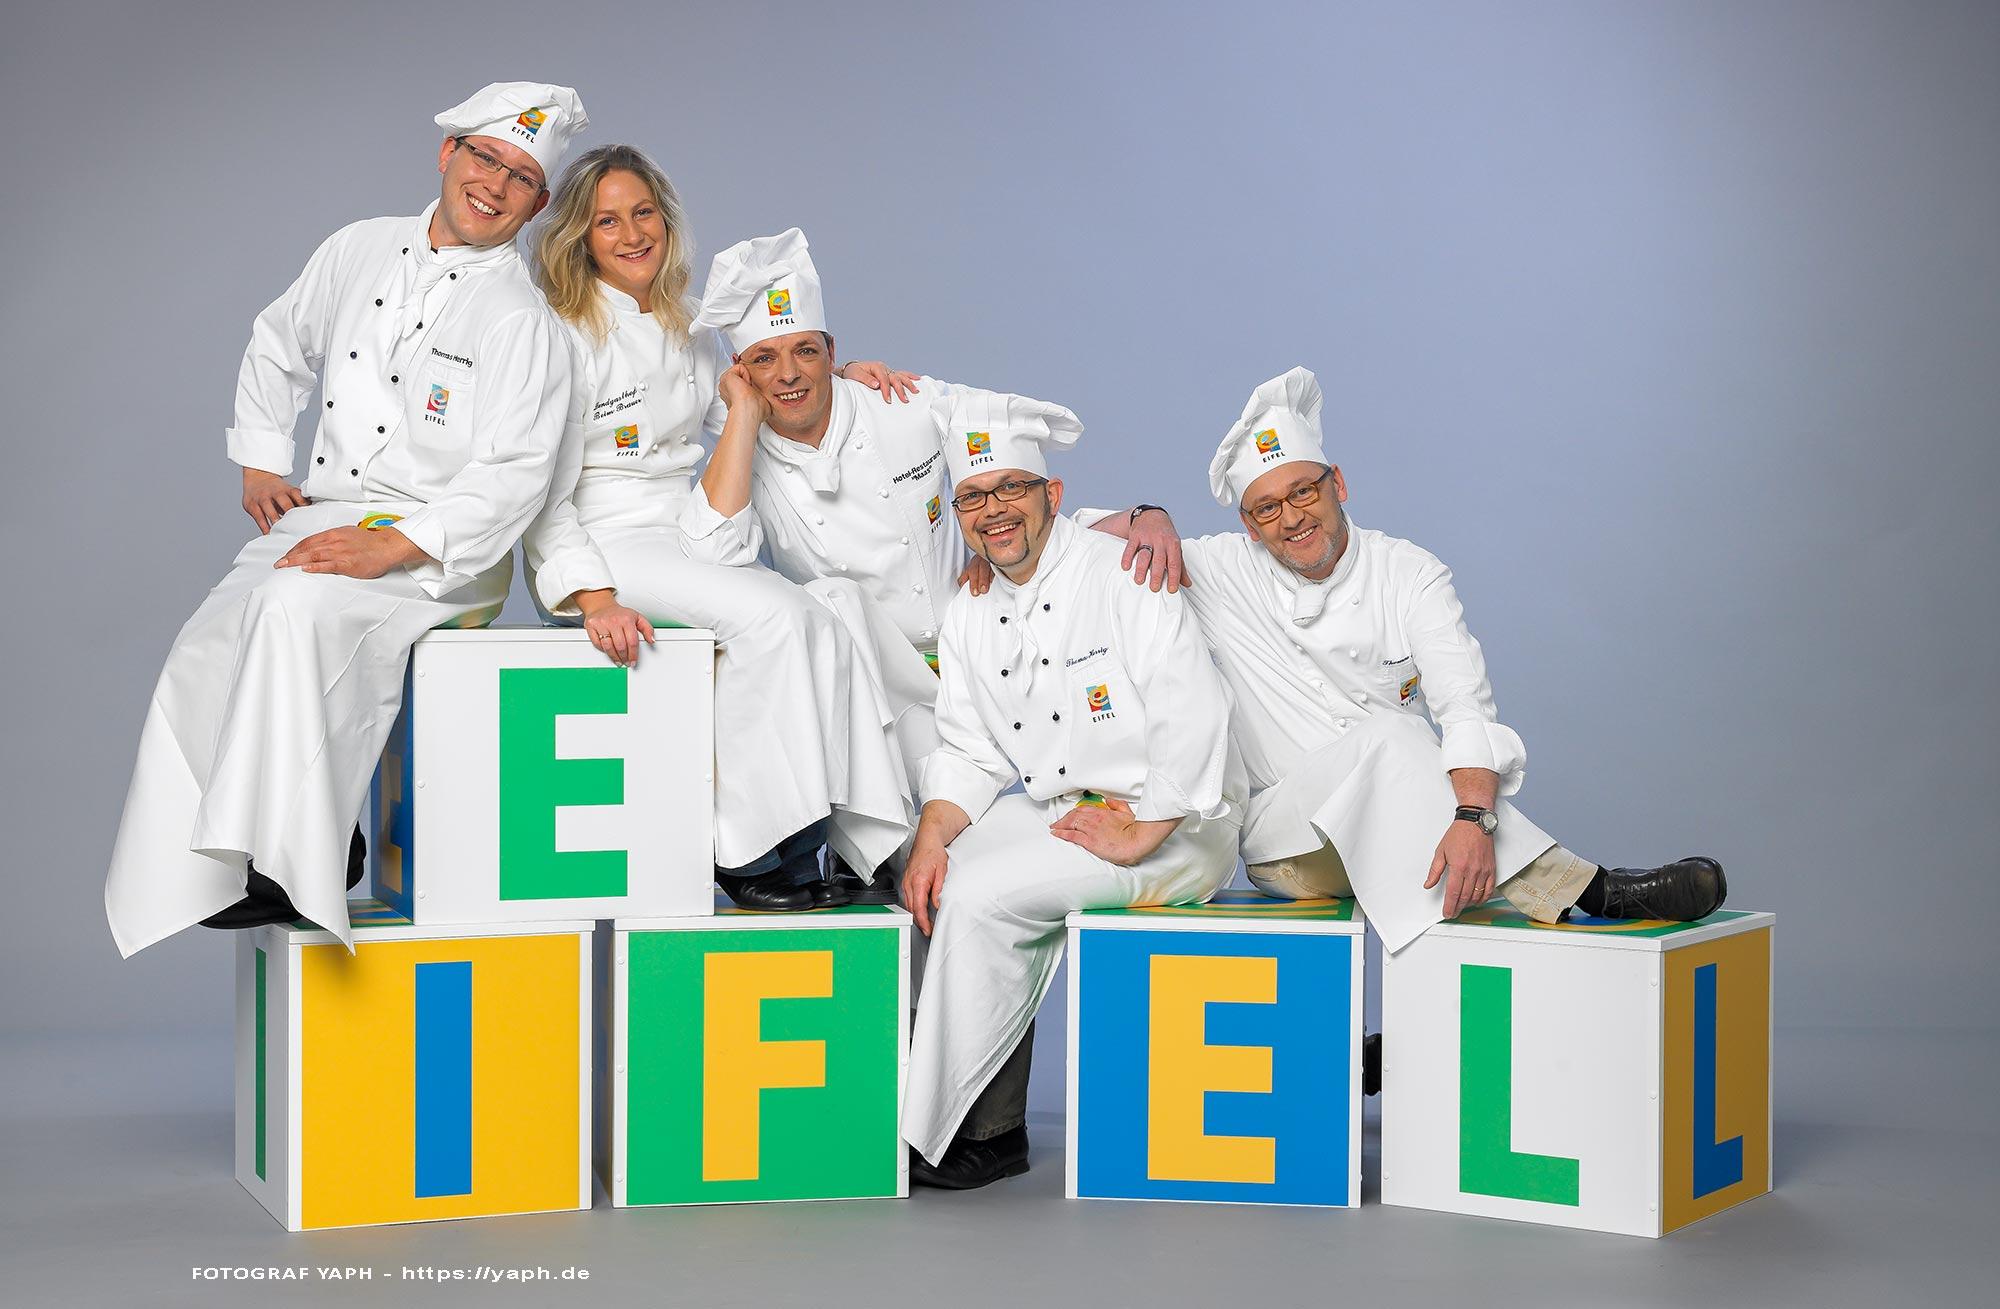 5 Köche aus der Eifel - Fotograf Trier - Yaph - Businessfotografie - Werbefotografie